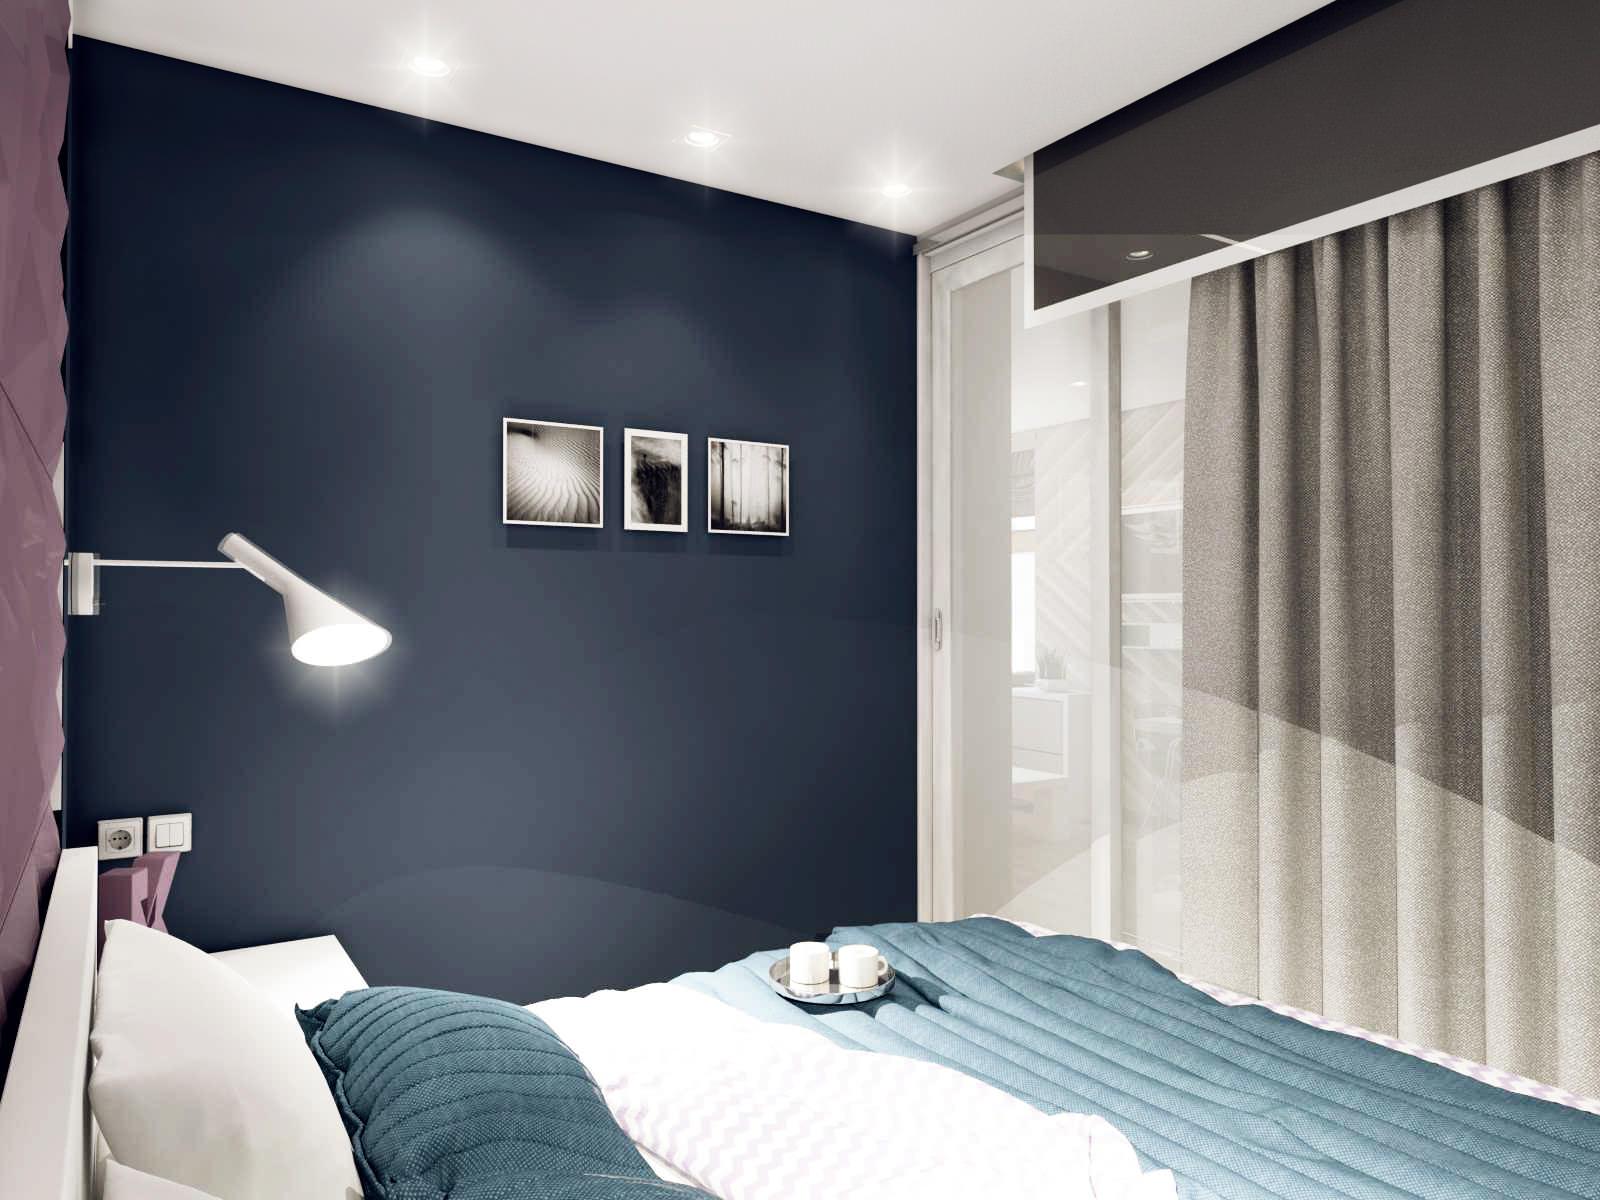 mini-apartament-sas-svej-i-praktichen-interioren-dizain-44-m-7g